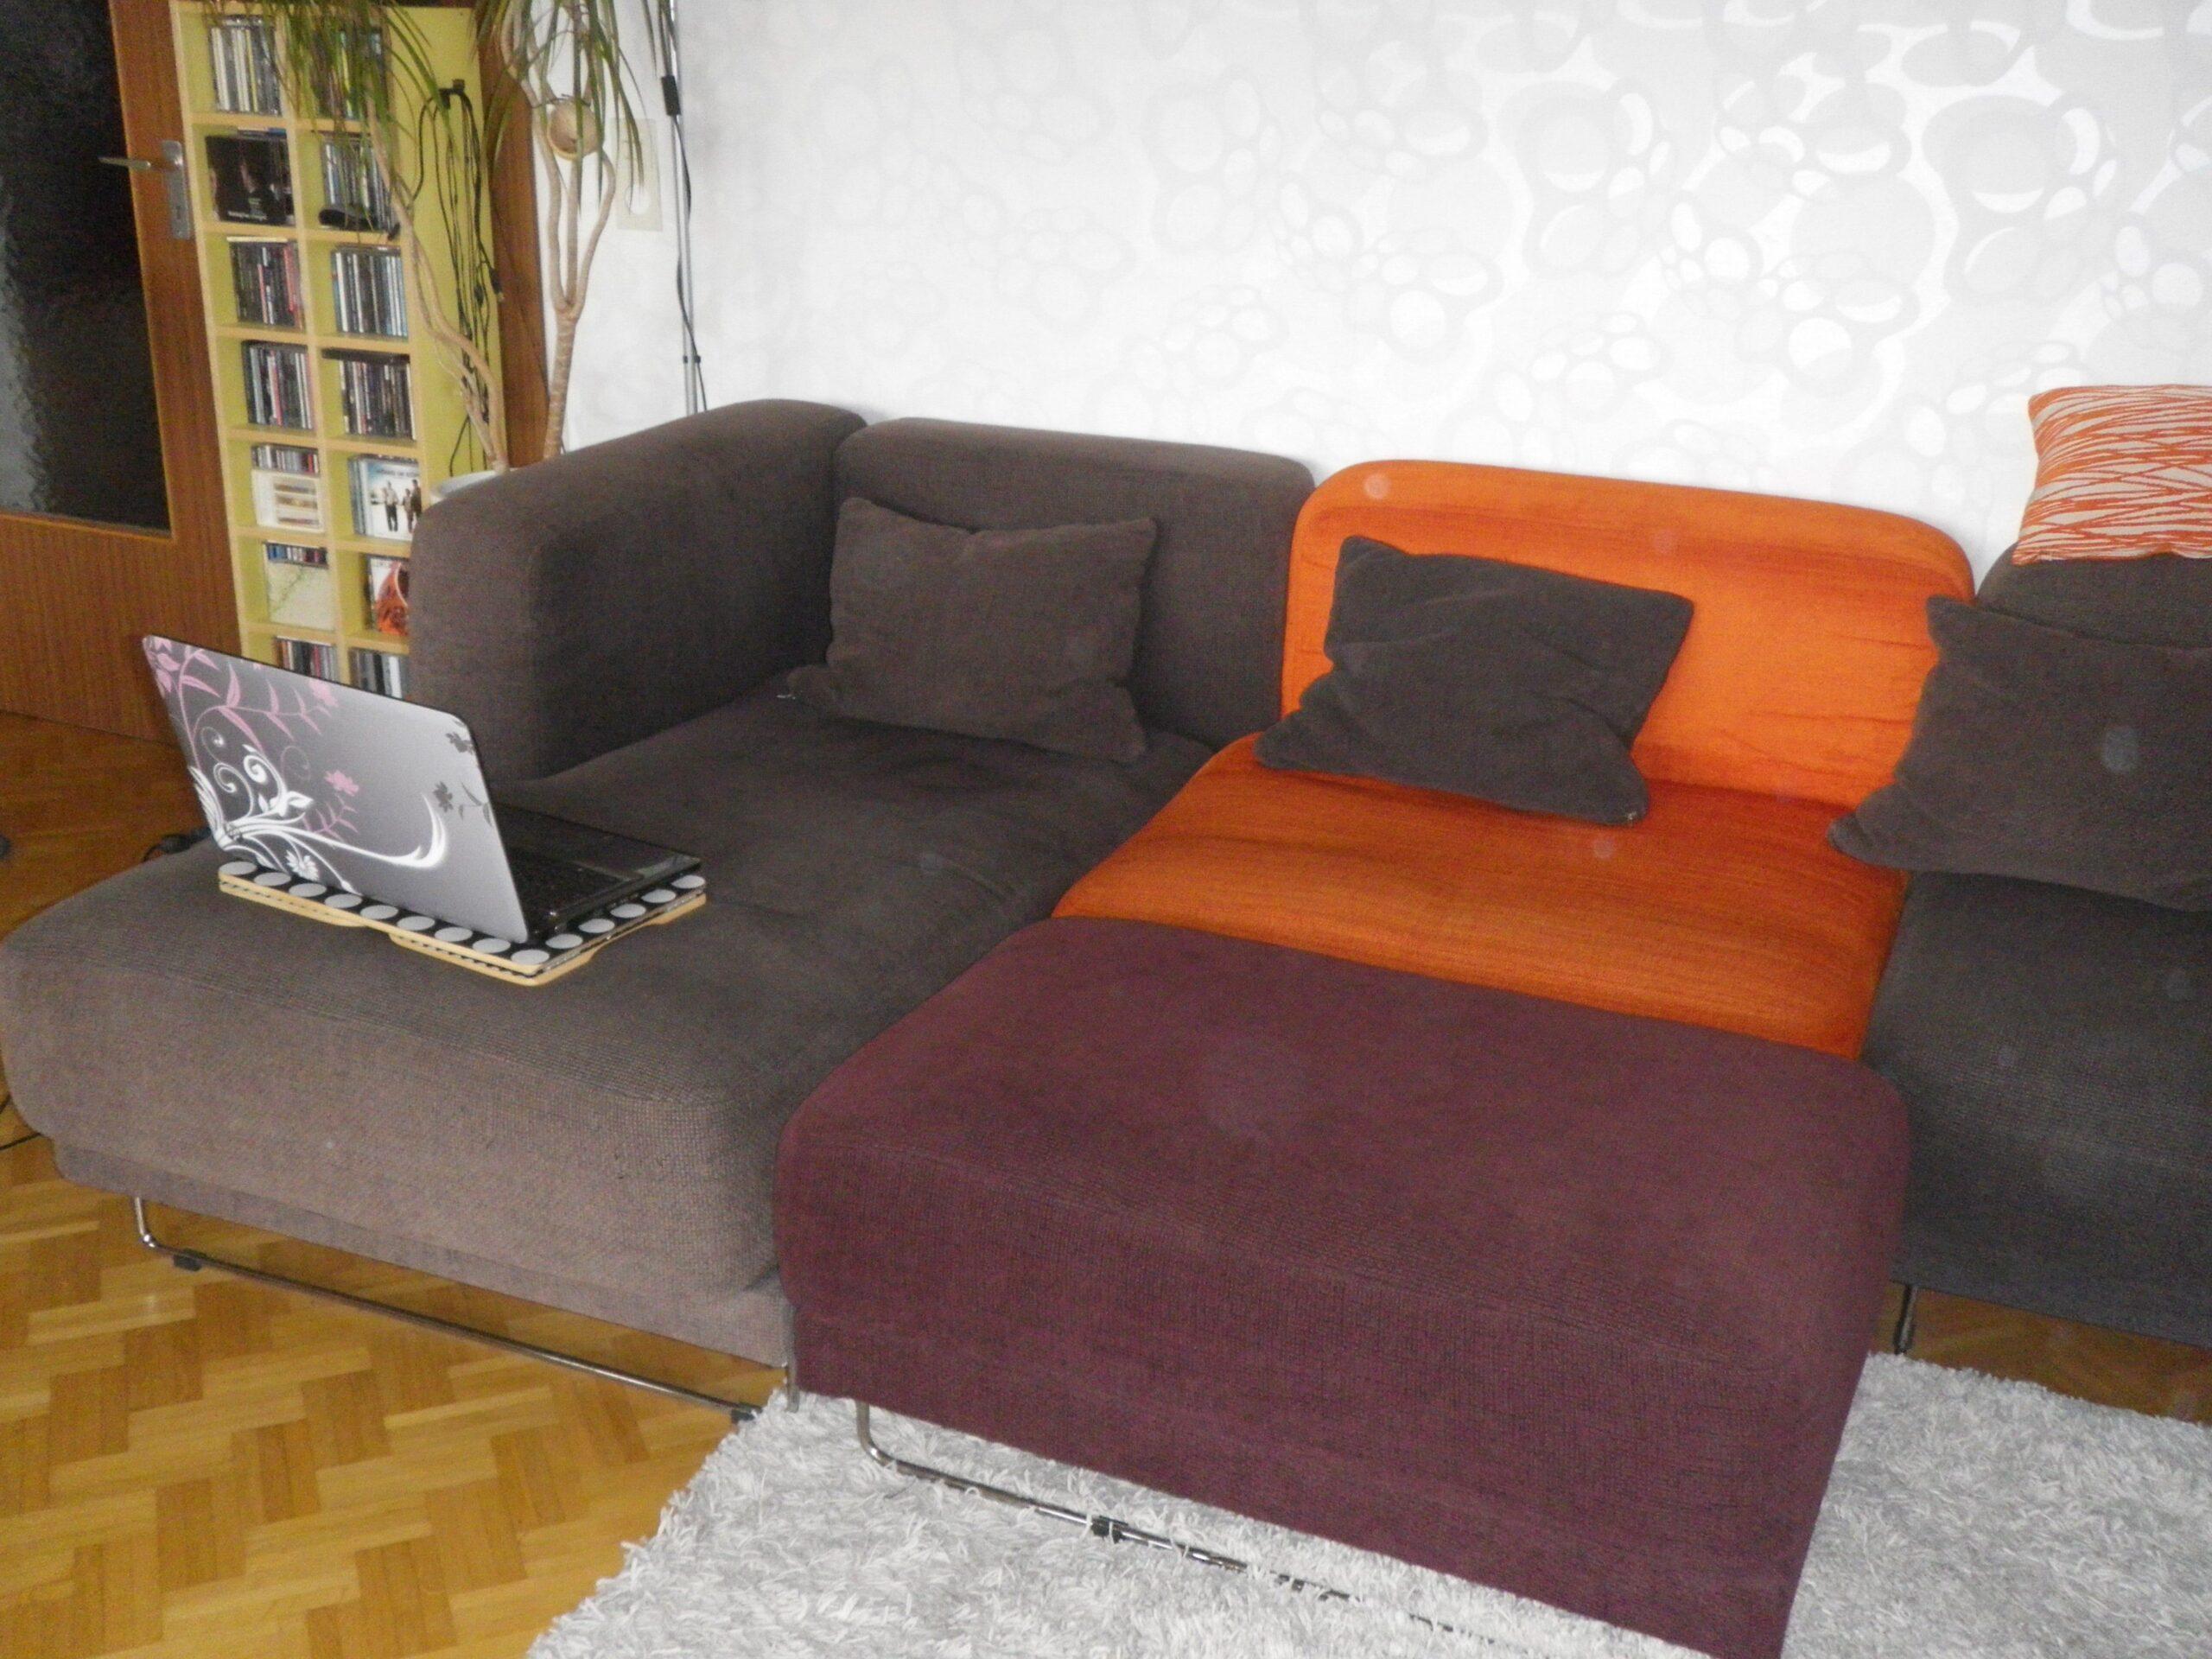 Full Size of Big Sofa Kaufen 12 Gebrauchte Sofas Neu Einbauküche Liege 3 Sitzer Grau Mit Schlaffunktion Esstisch Ikea Höffner Minotti Weiß Dauerschläfer Alte Fenster Sofa Big Sofa Kaufen